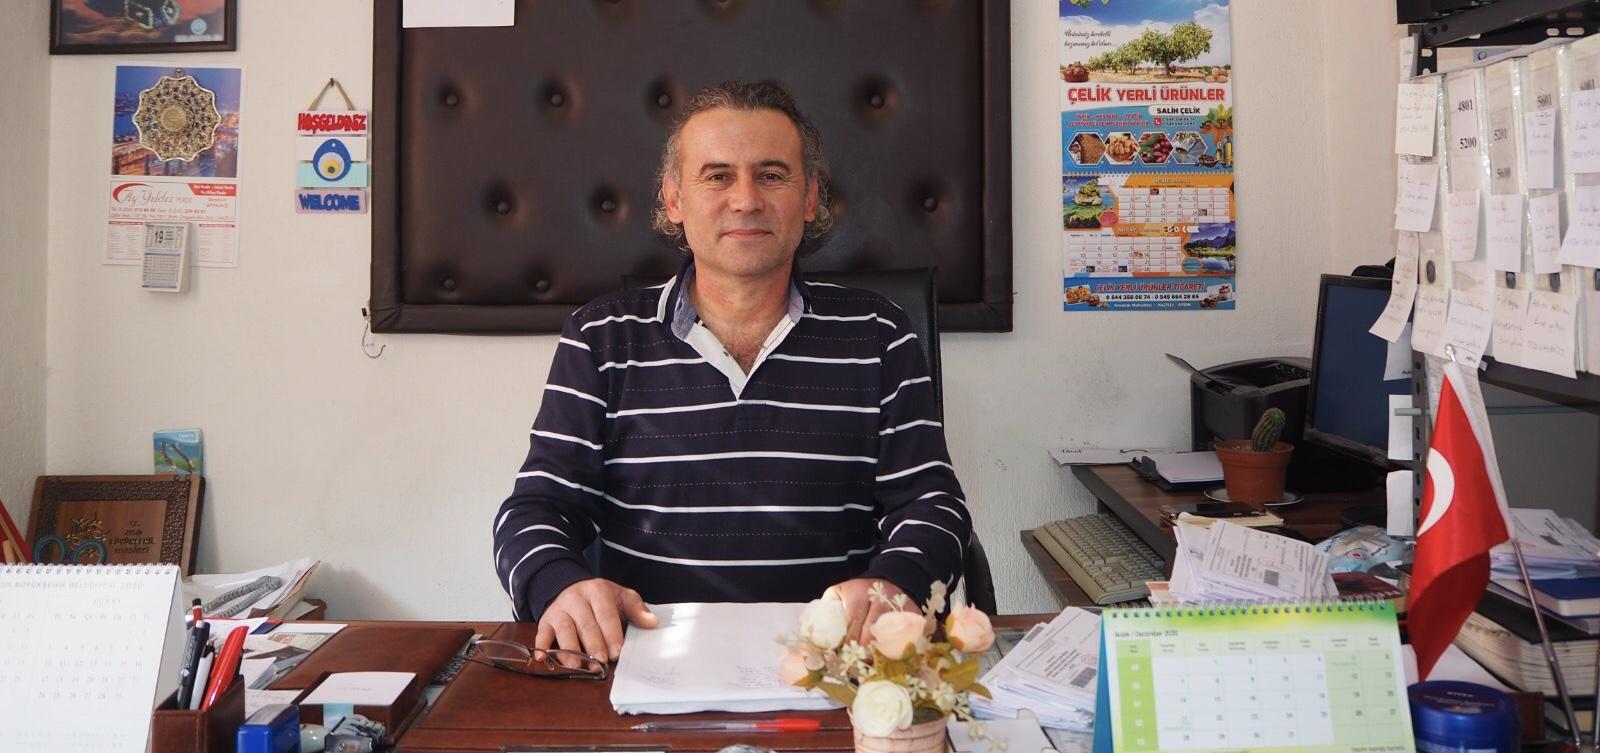 ZAFER MAHALLESİ MUHTARI İHTİYAÇ SAHİPLERİNE DESTEK ÇIKIYOR